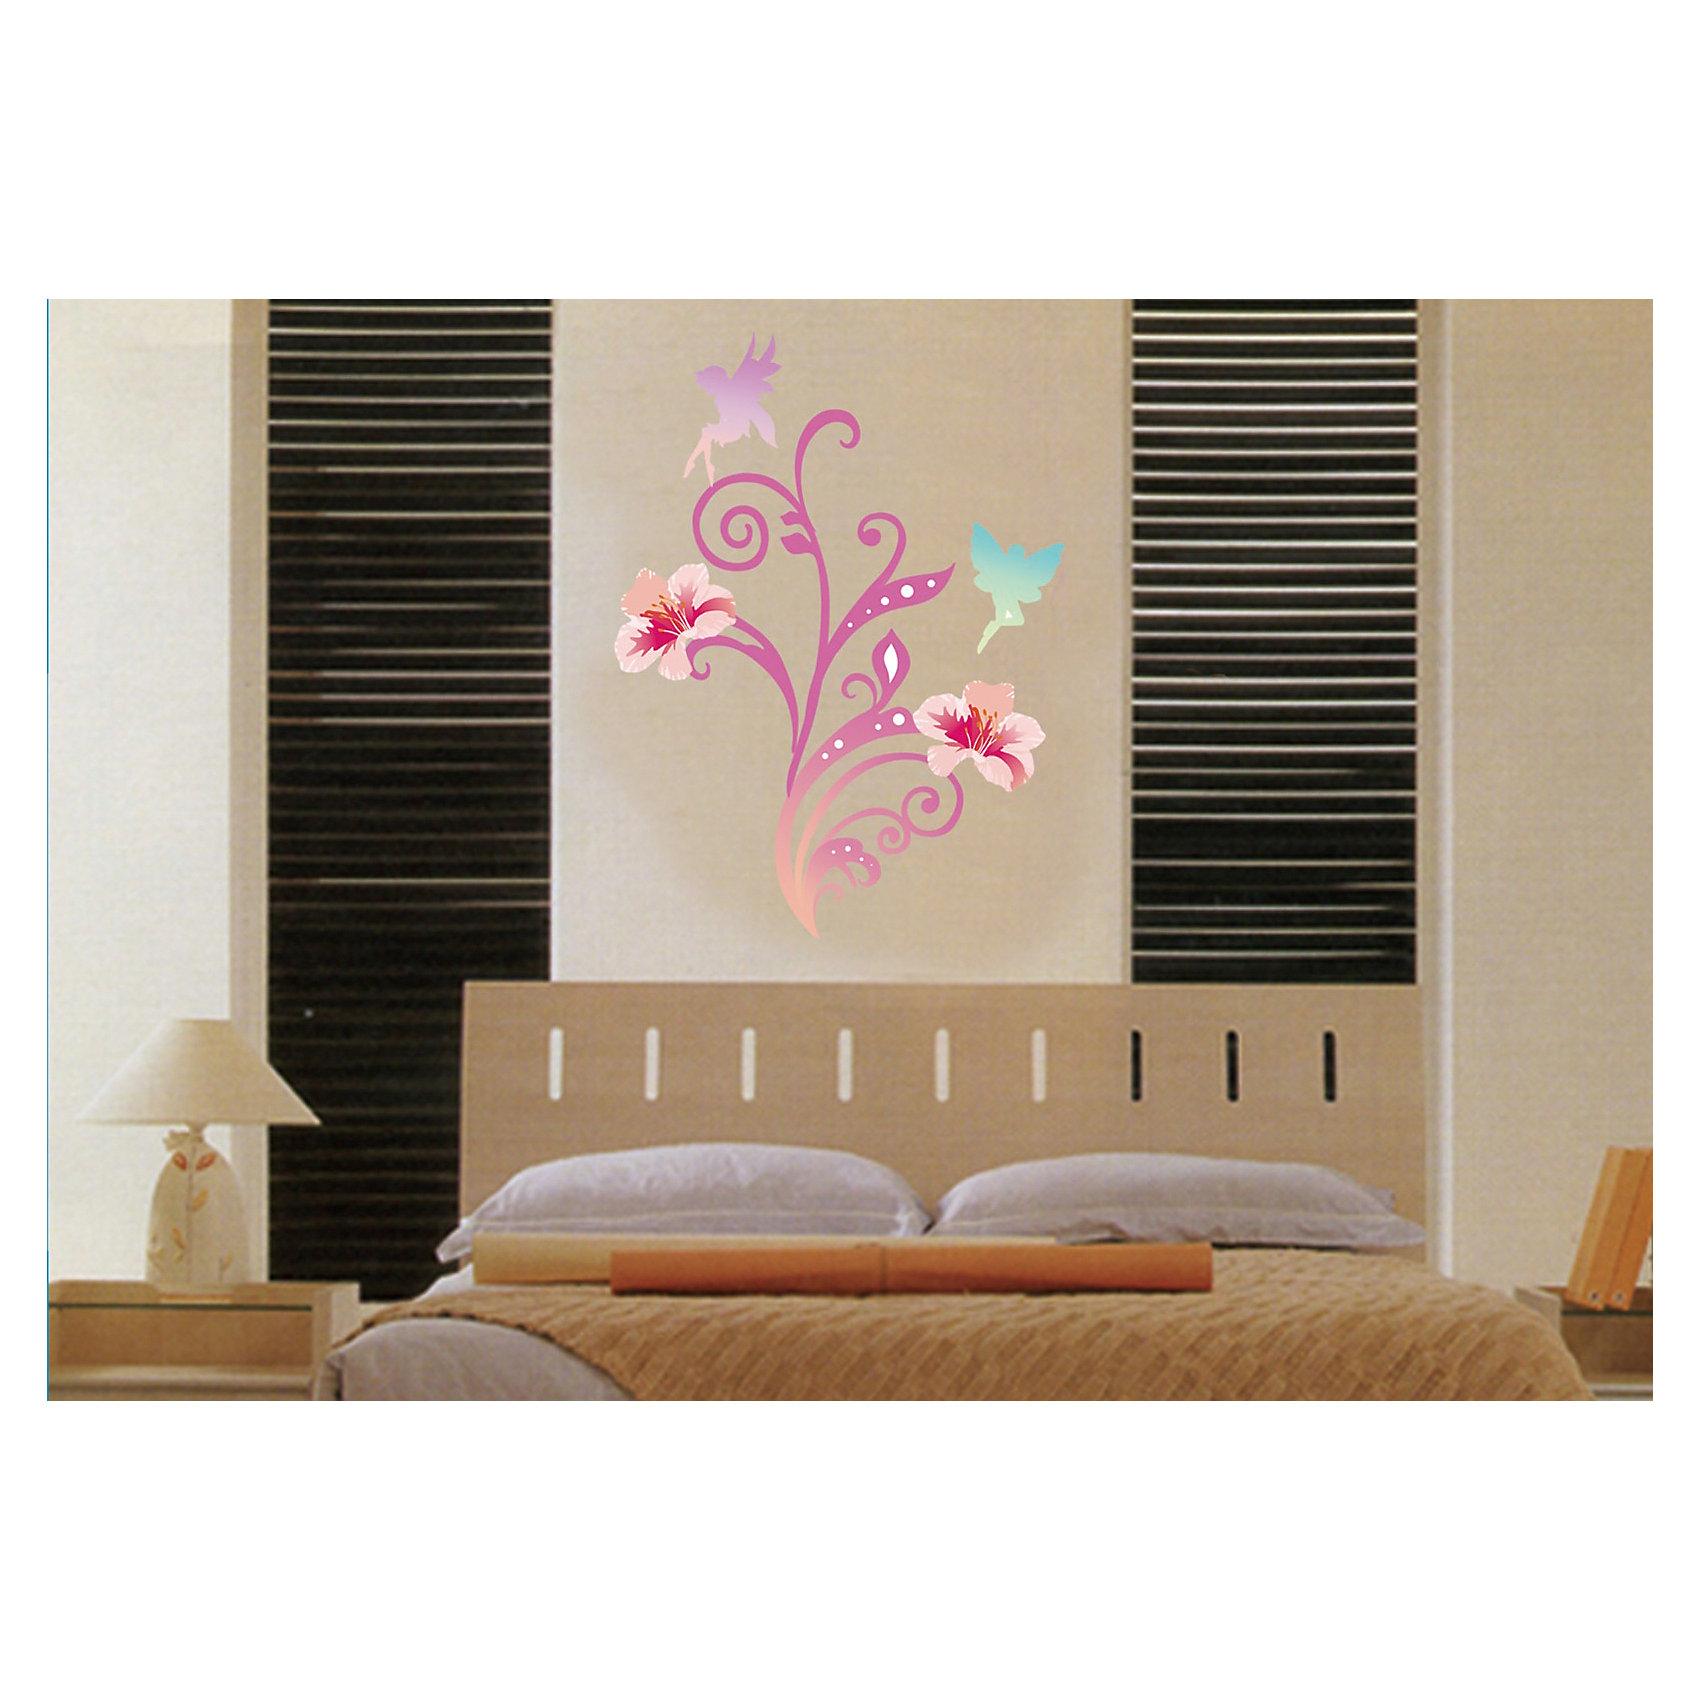 Настенное украшение Волшебный мир 35*52 см (розовый)Предметы интерьера<br>Декоративное настенное украшение в виде фей и бабочек поможет украсить дом и отлично впишется в любой интерьер. Украшение состоит из 21 элемента на клеевой основе.<br><br>Дополнительная информация:<br><br>- Материал: ПВХ.<br>- Размер: 35х52 см.<br>- Комплектация: 21 самоклеющийся элемент.<br>- Цвет: розовый.<br><br>Настенное украшение Волшебный мир 35х52 см (розовое) можно купить в нашем магазине.<br><br>Ширина мм: 5<br>Глубина мм: 520<br>Высота мм: 350<br>Вес г: 213<br>Возраст от месяцев: 36<br>Возраст до месяцев: 2147483647<br>Пол: Женский<br>Возраст: Детский<br>SKU: 4501150